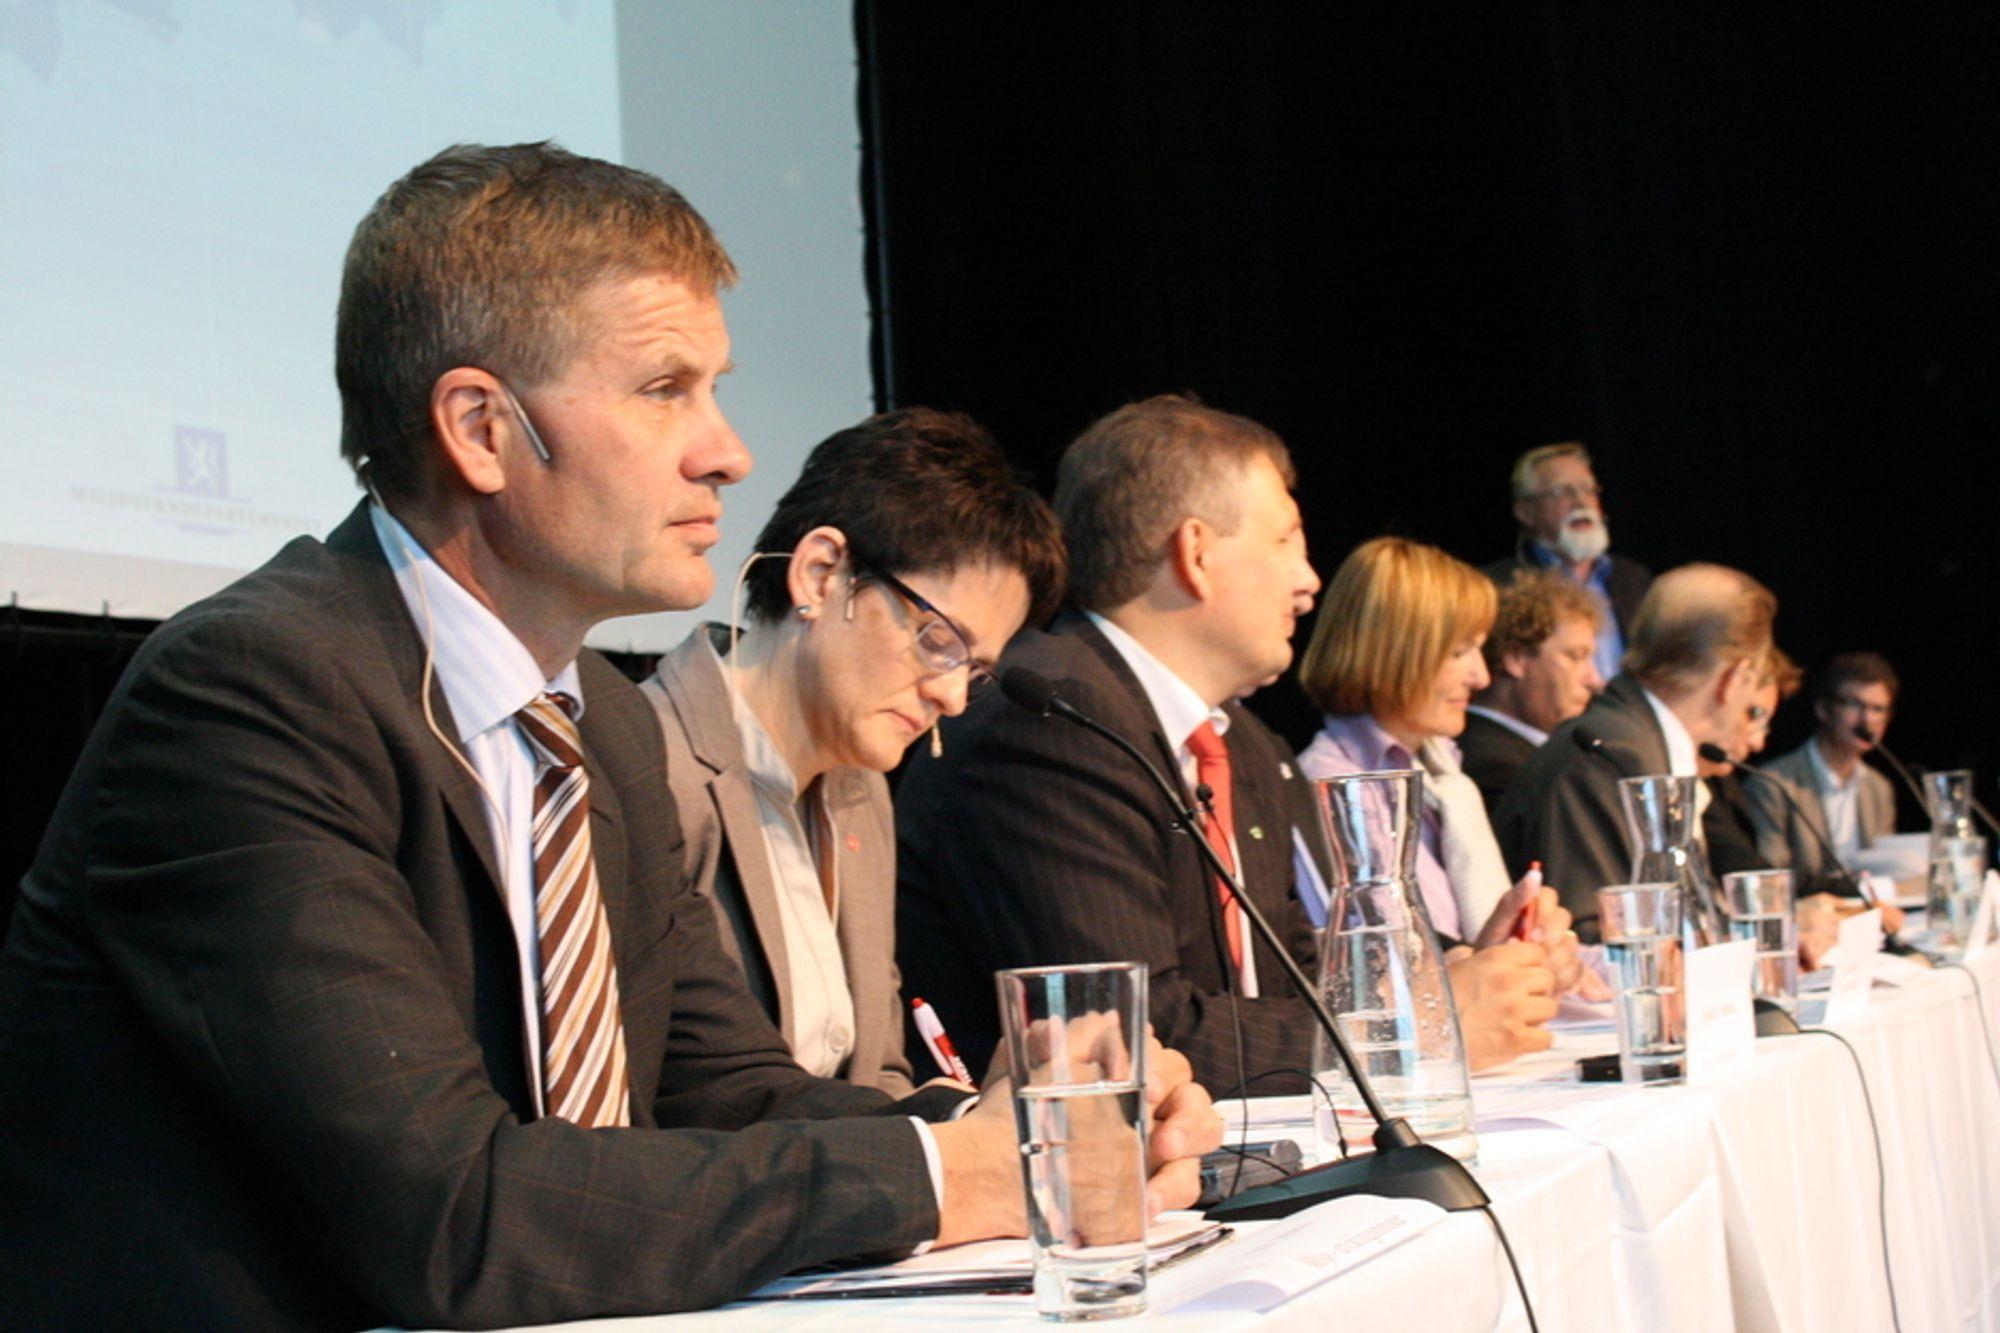 TAR SEG BEDRE TID: Miljøvernminister Erik Solheim (SV), fiskeri- og kystminister Lisbeth Berg-Hansen (Ap) og olje- og energiminister Terje Riis-Johansen (Sp) under høringskonferansen i Svolvær i dag.